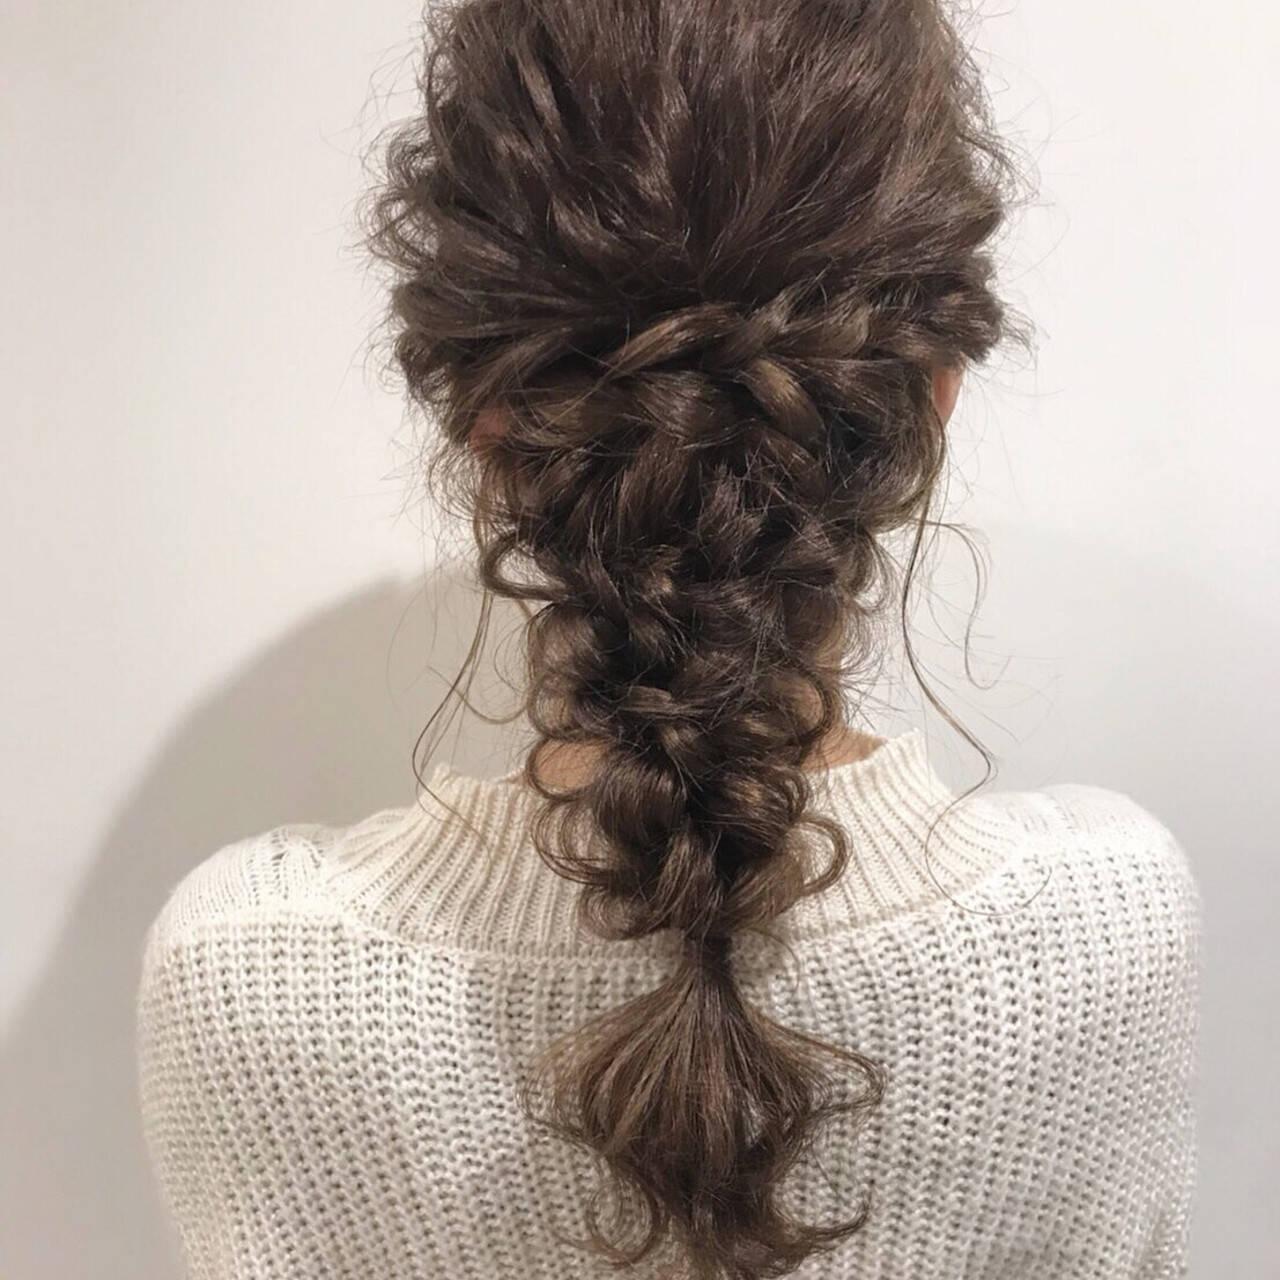 簡単ヘアアレンジ 結婚式 ヘアアレンジ アンニュイほつれヘアヘアスタイルや髪型の写真・画像